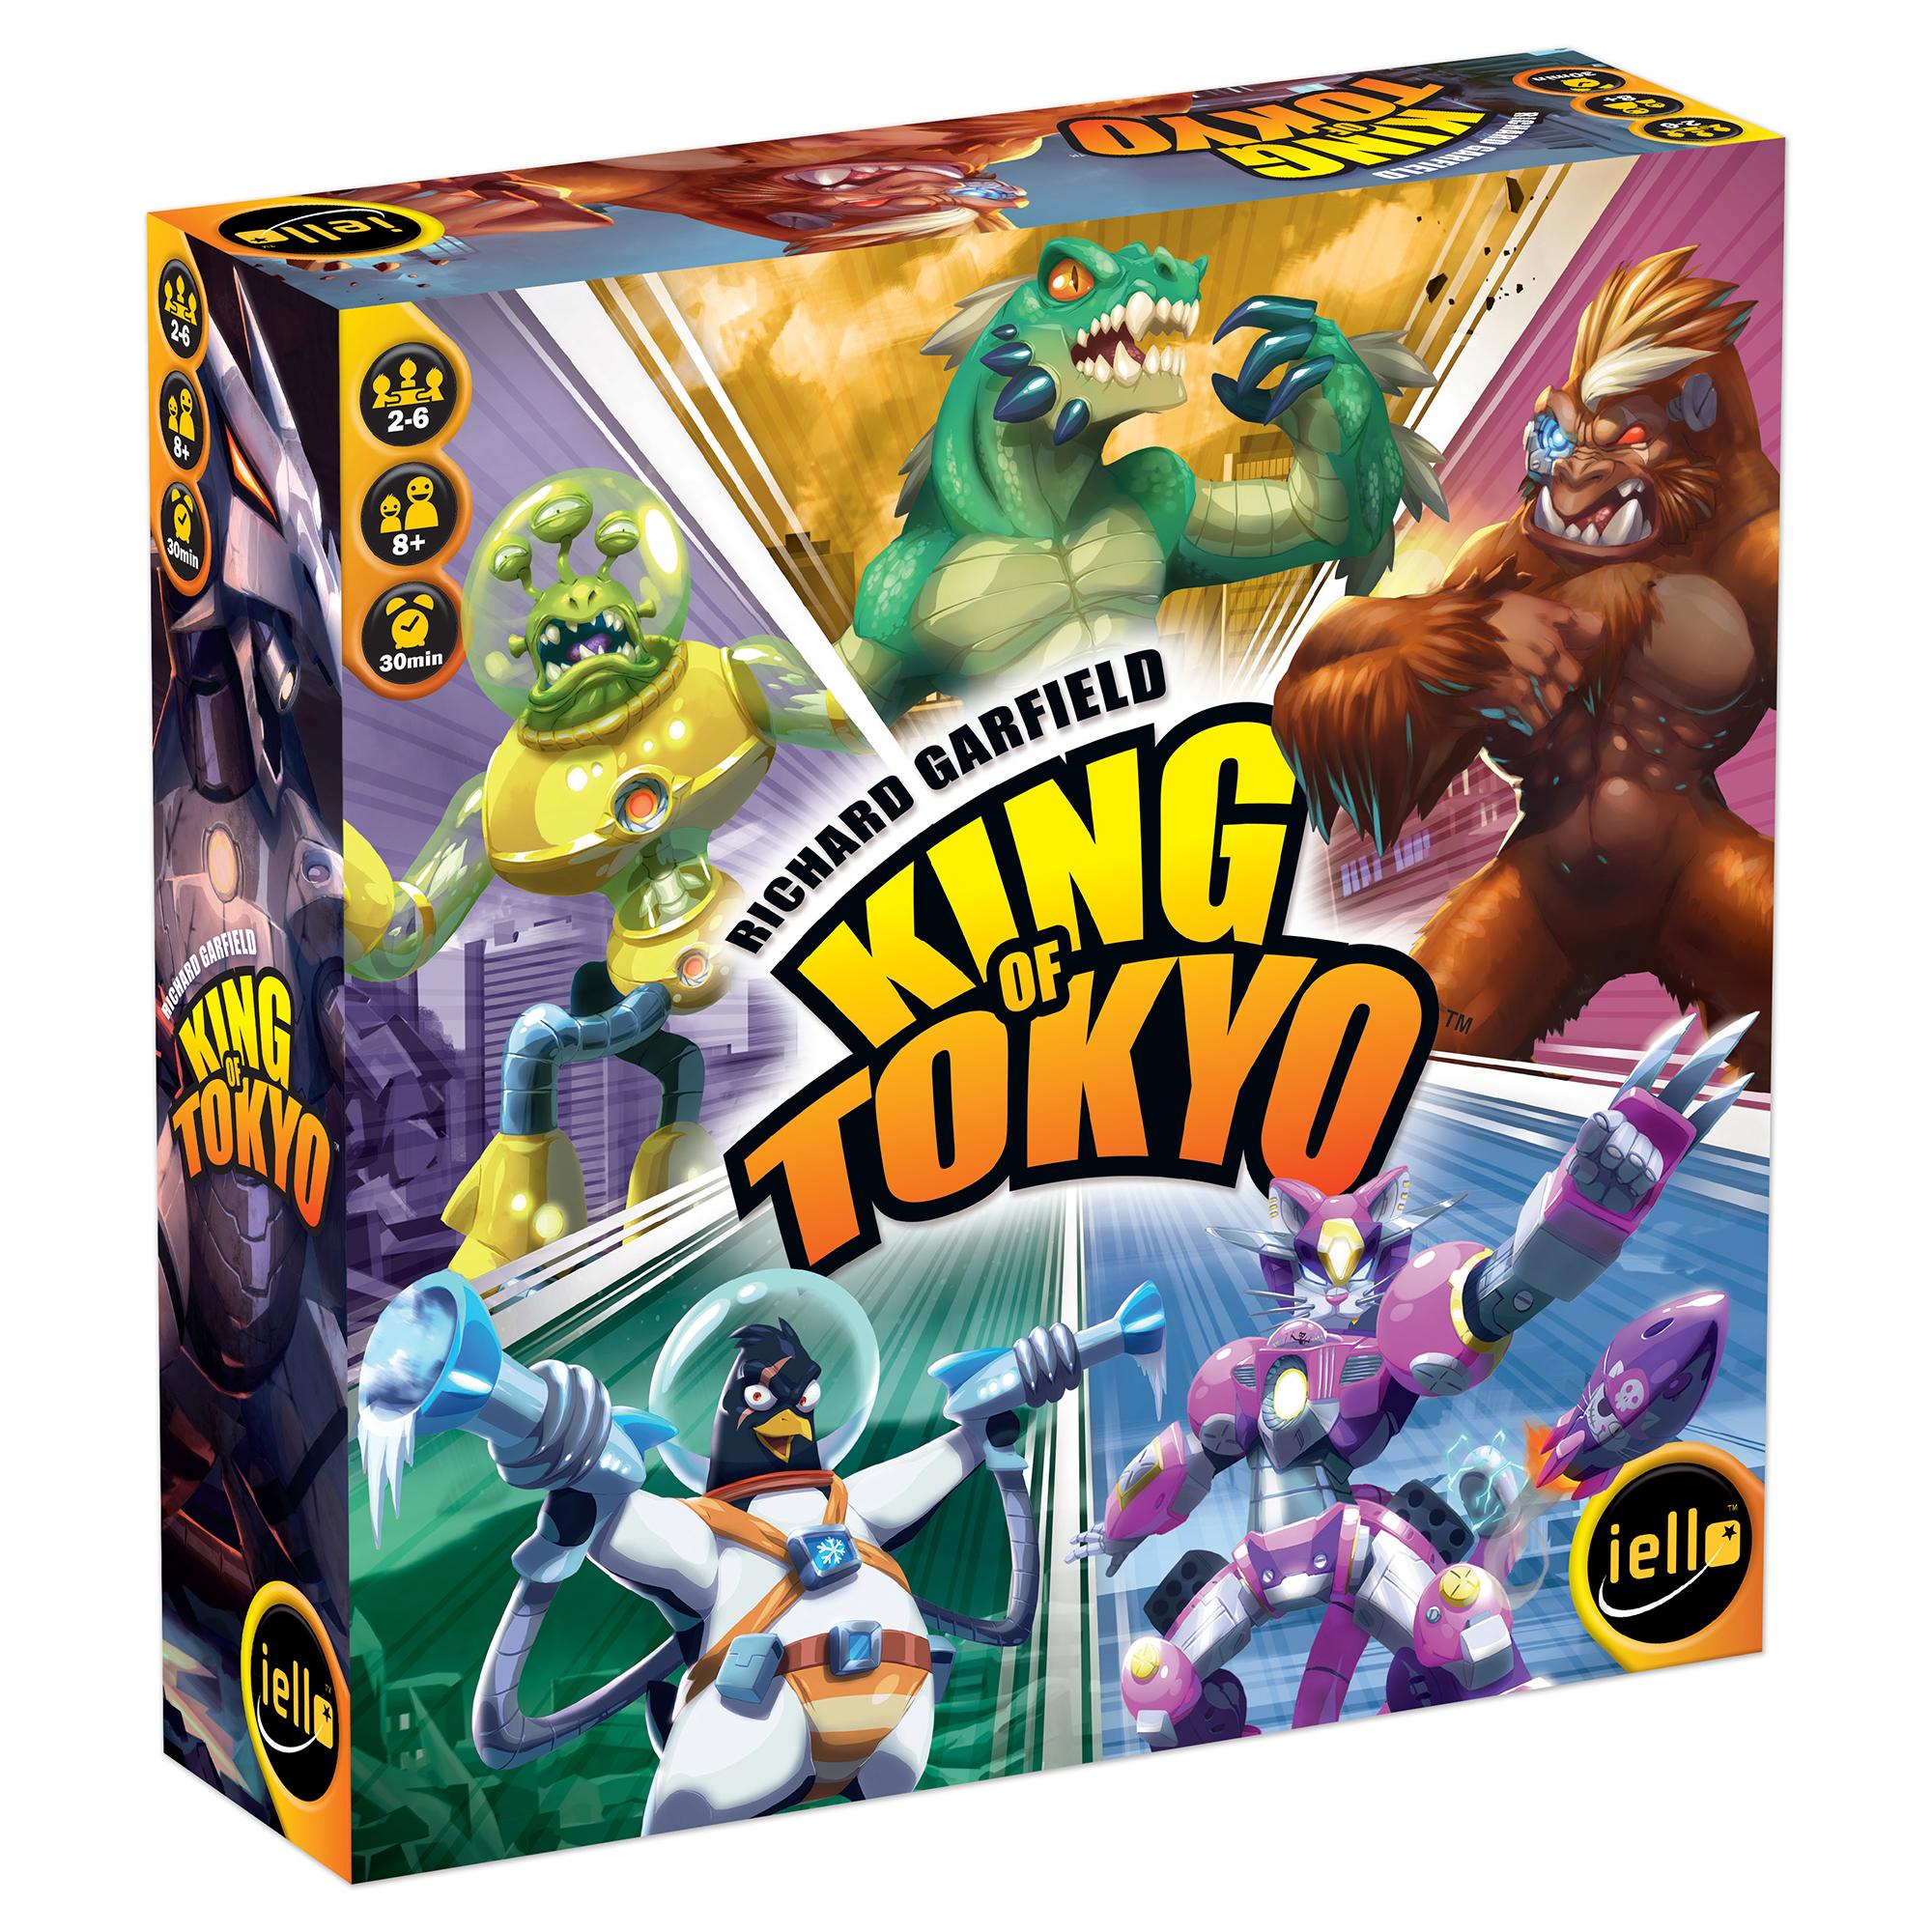 King og Tokyo 2016 spil